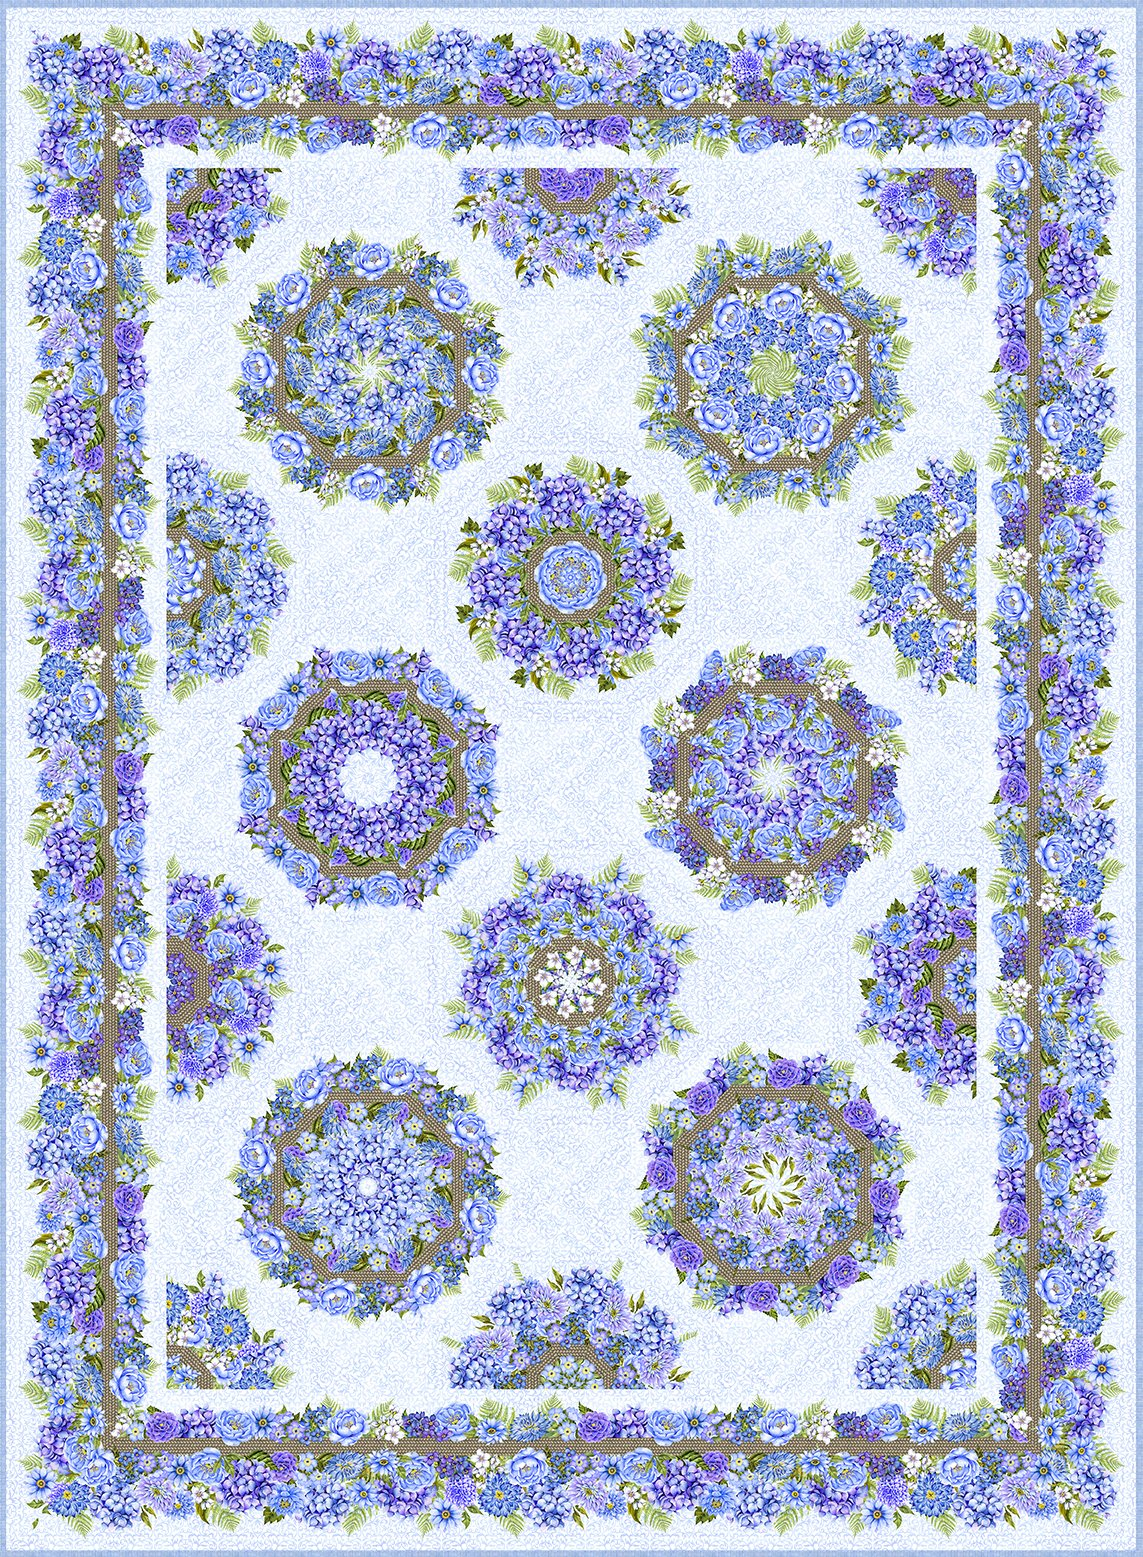 Karen's Garden Kaleidoscope Quilt Kit